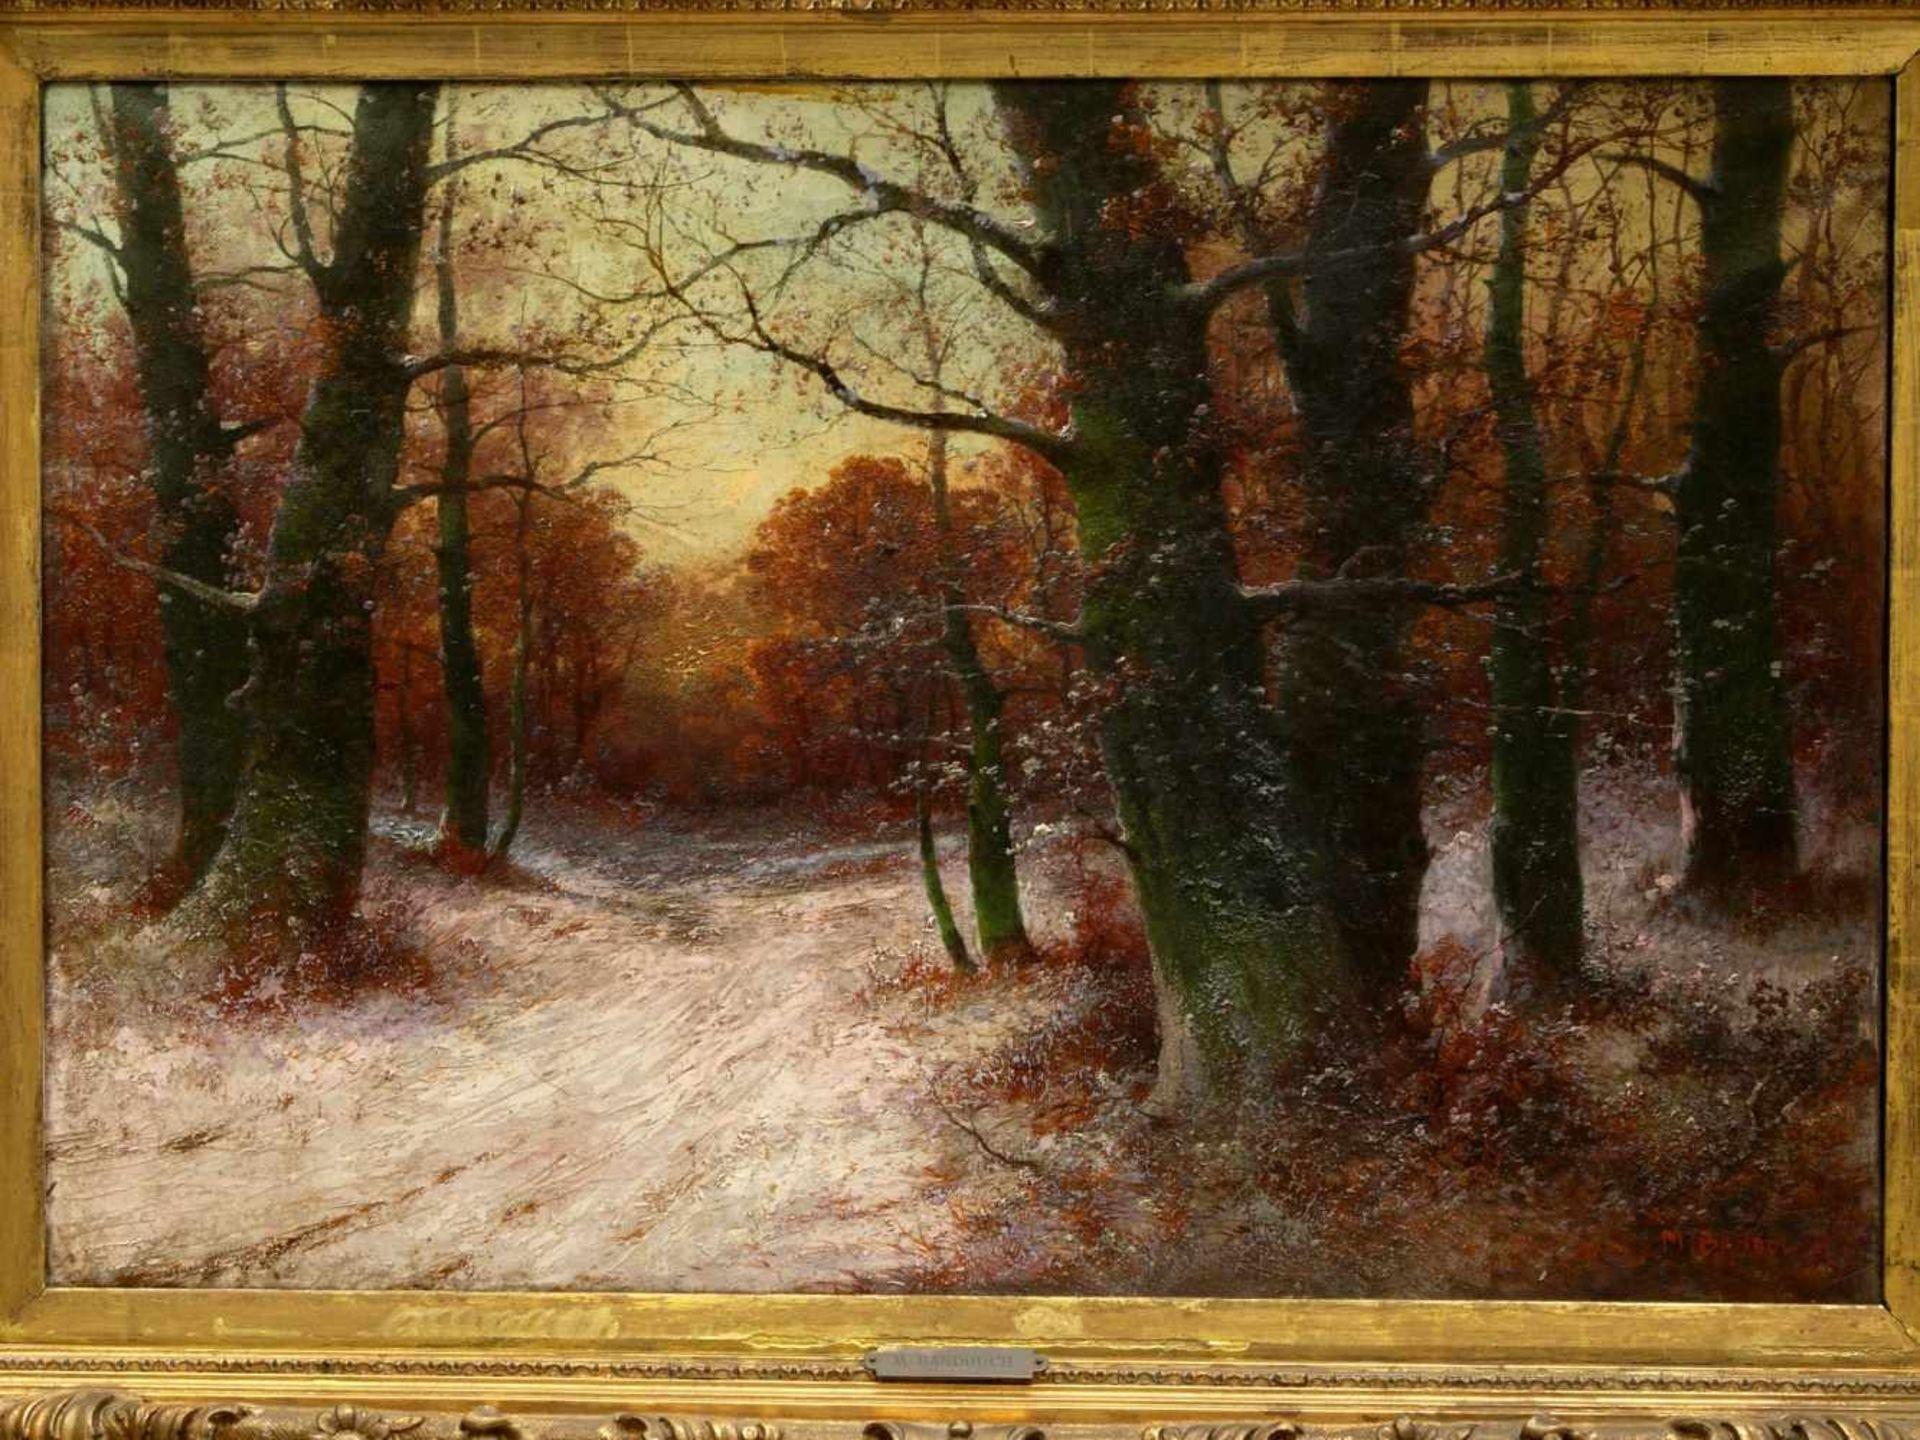 Kaufmann, Adolf (1848-1916)/ M. Bandouch - Winterliche WaldlandschaftRomantisch-idyllische Ansicht - Bild 2 aus 10